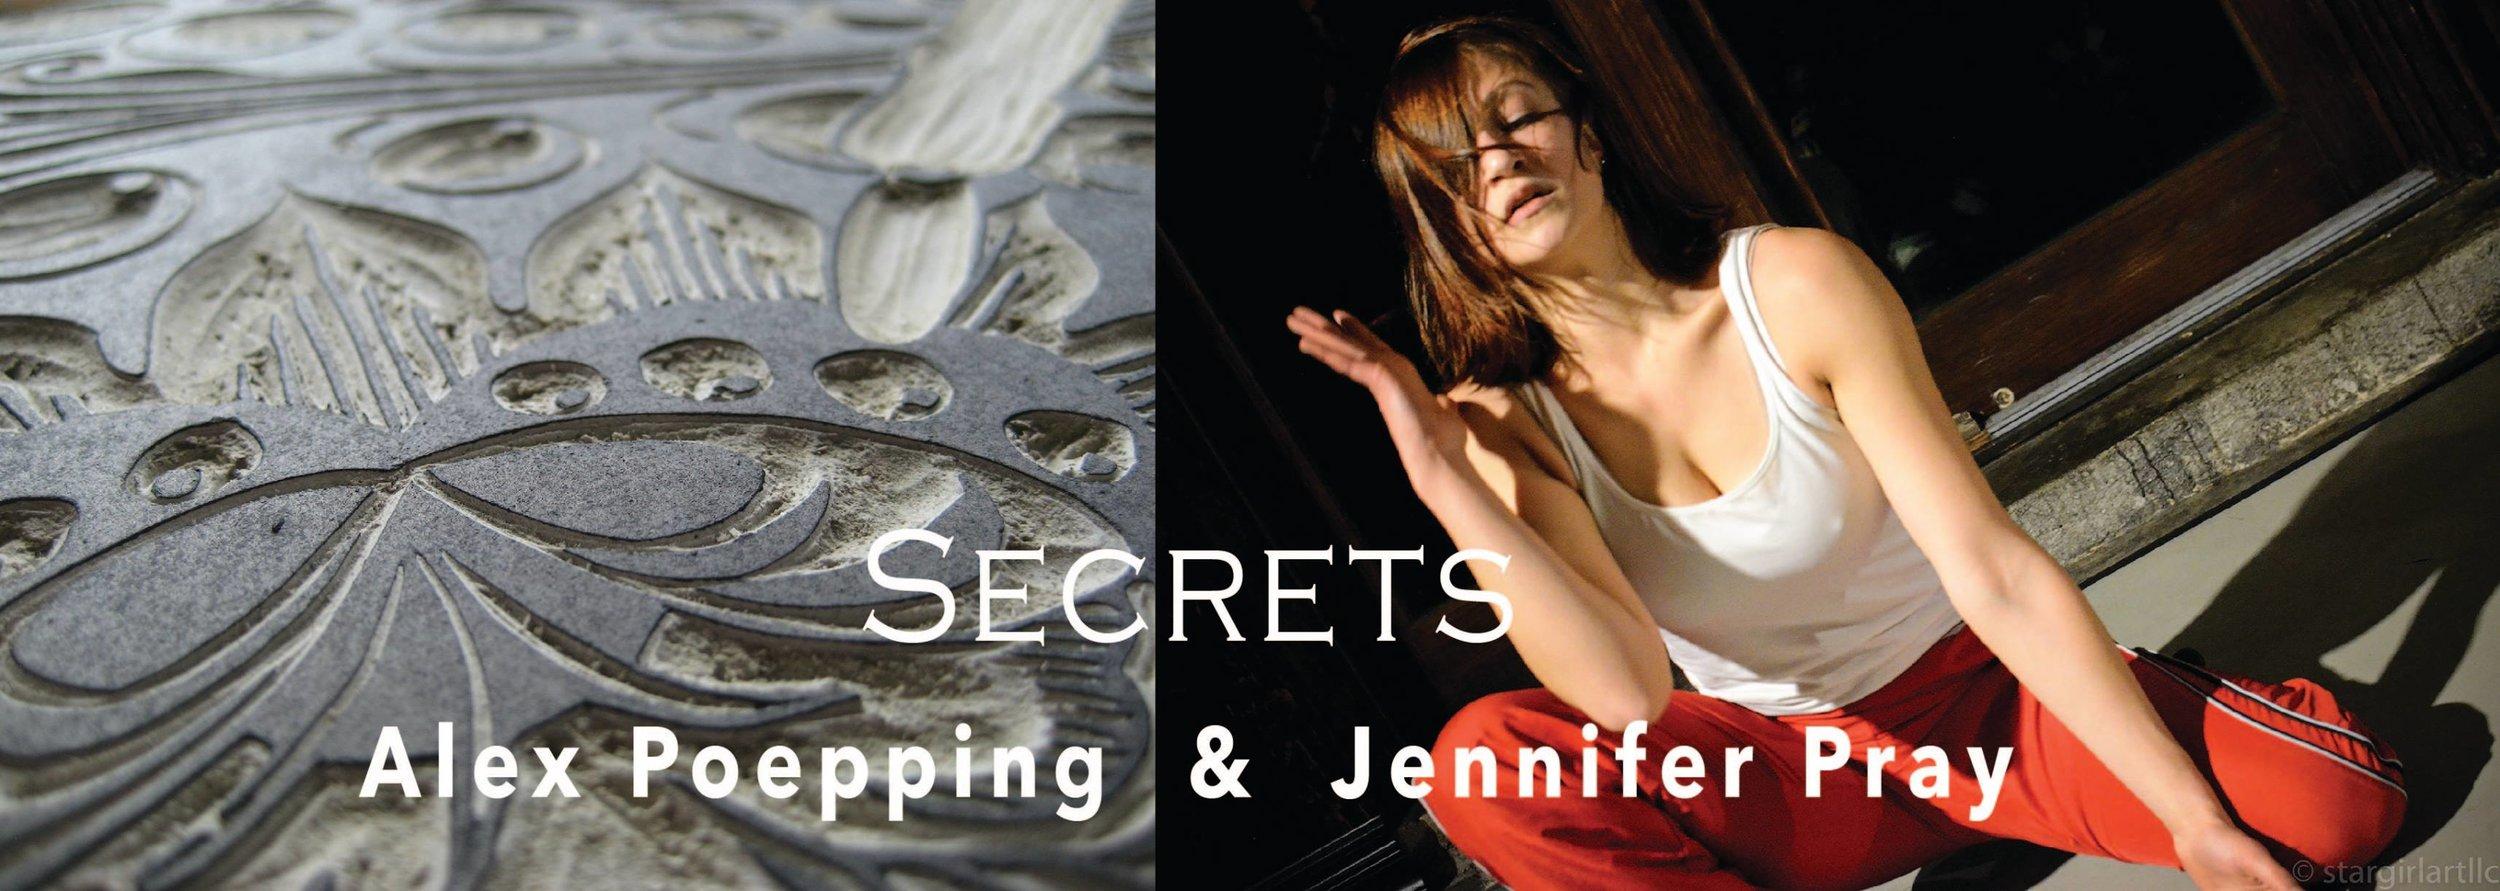 secretssss.jpg